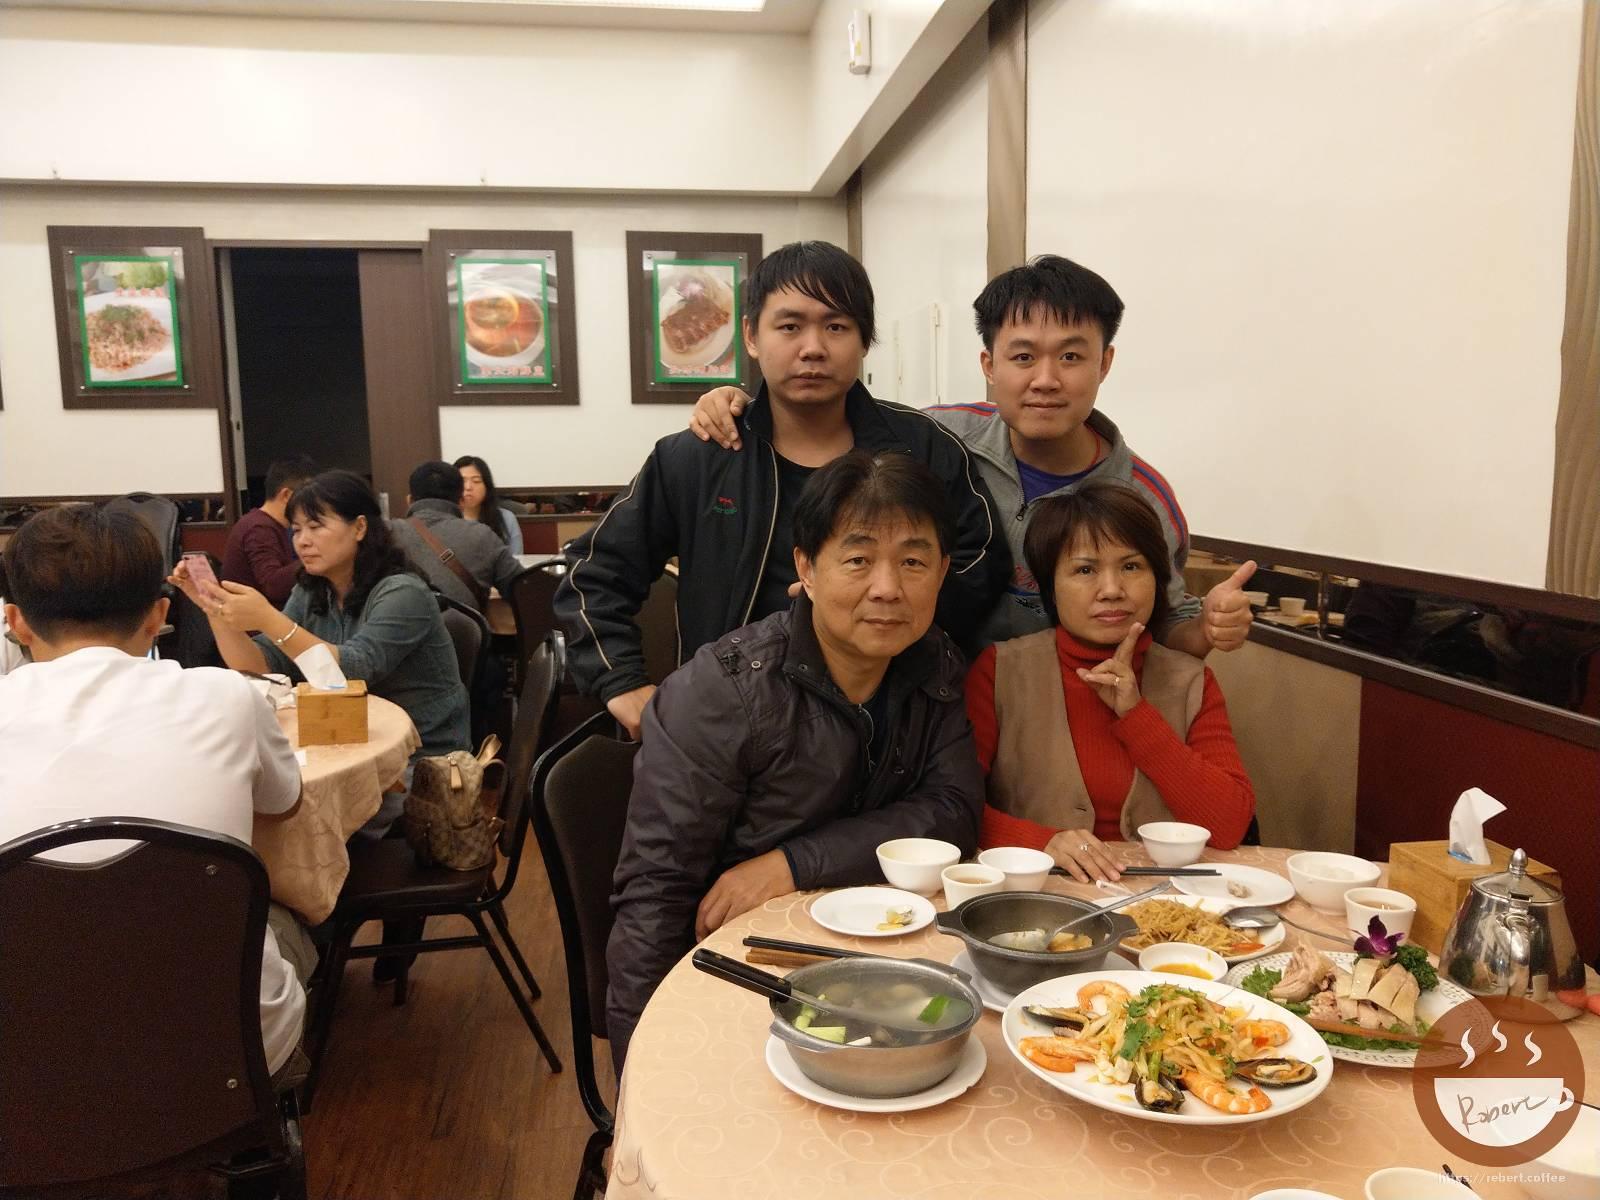 宋師傅客家菜│龍潭熱炒美食,蟹黃豆腐超下飯,薑絲大腸份量多酸甜可口! 3